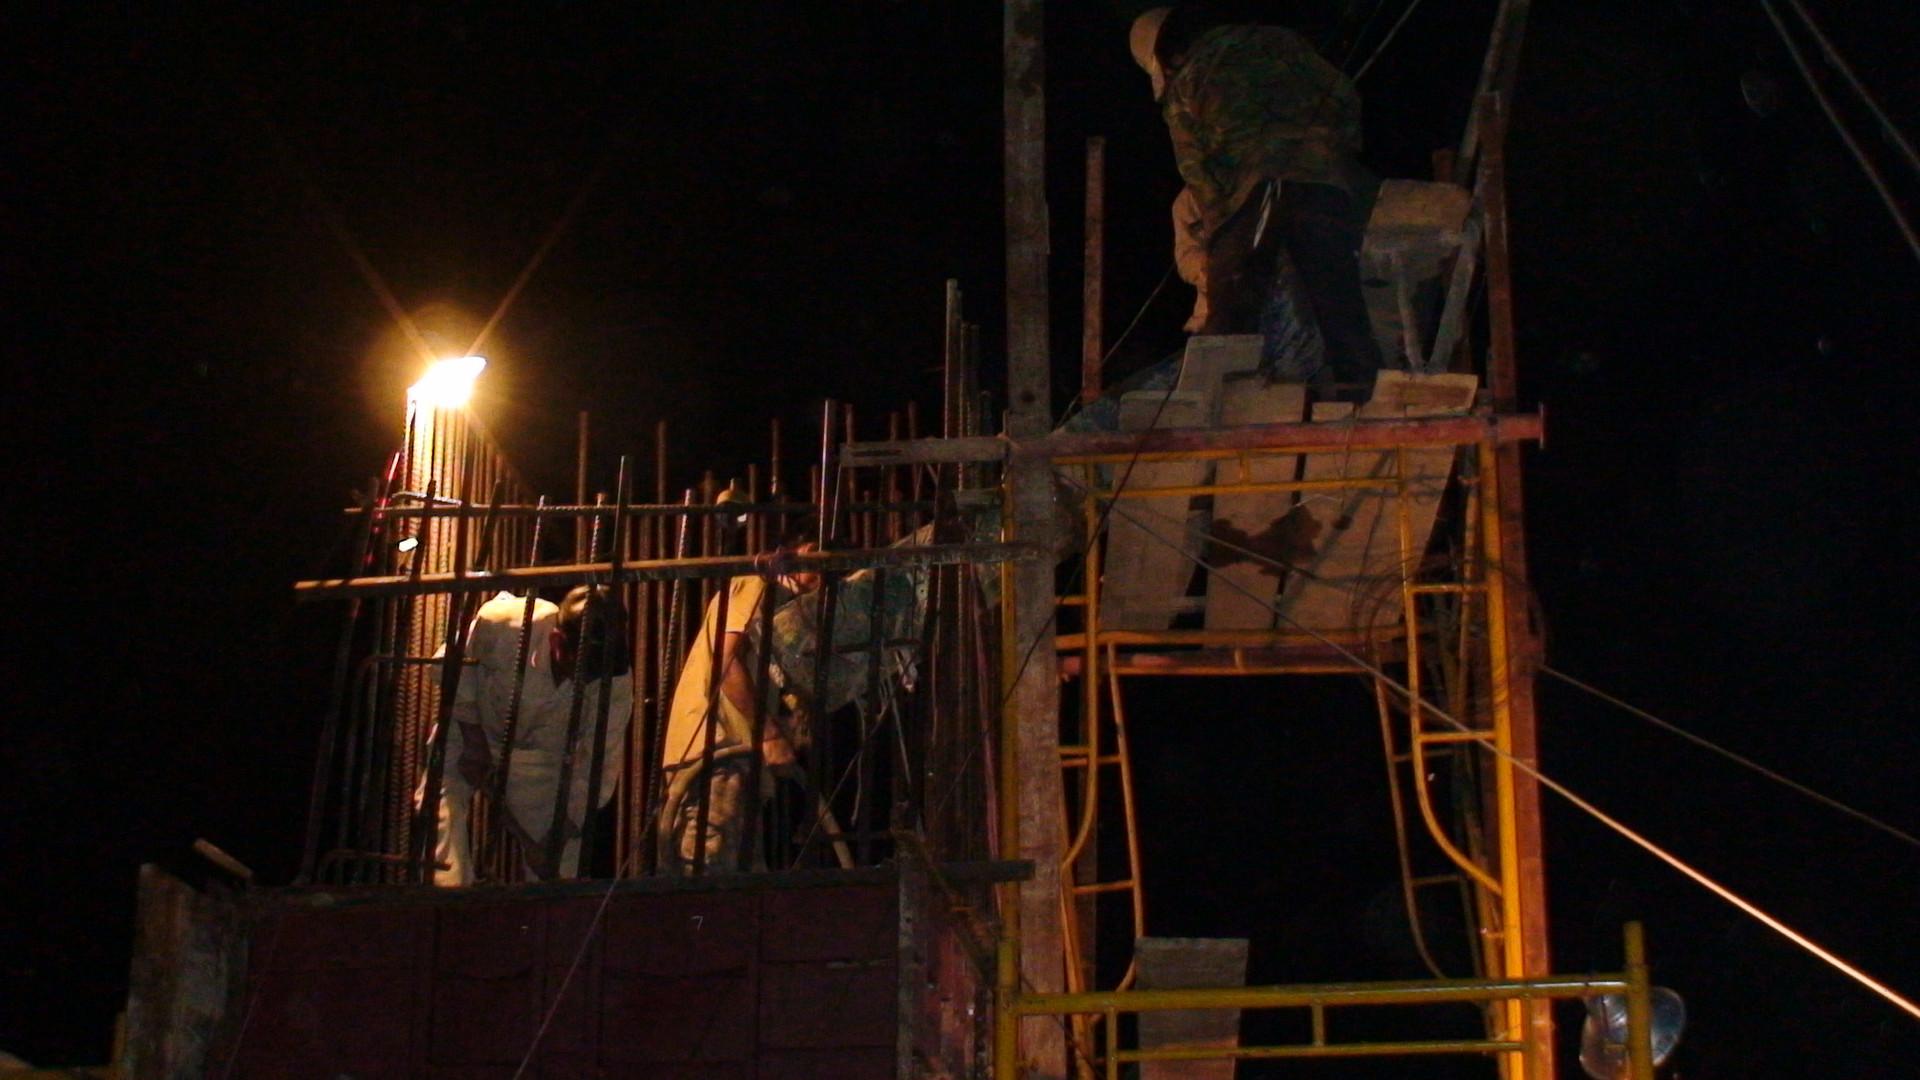 Hành trình 400 ngày đêm mở lối lên đỉnh Bà Nà